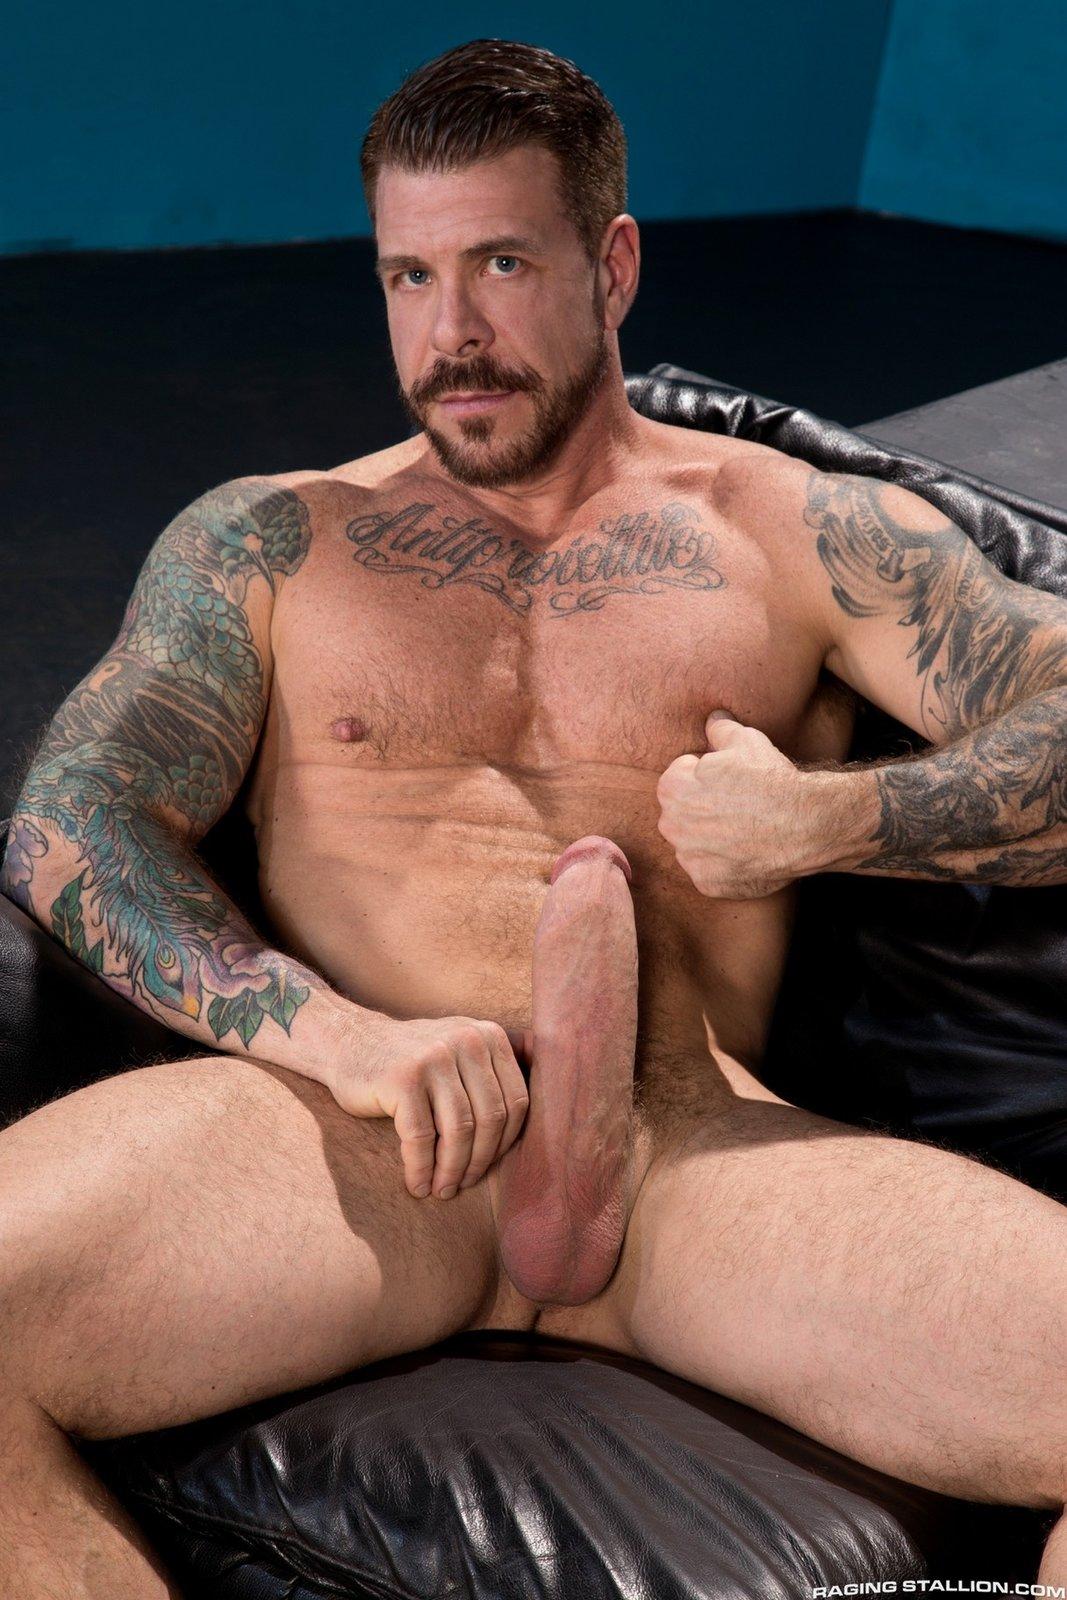 Rocco siffredi gay porn